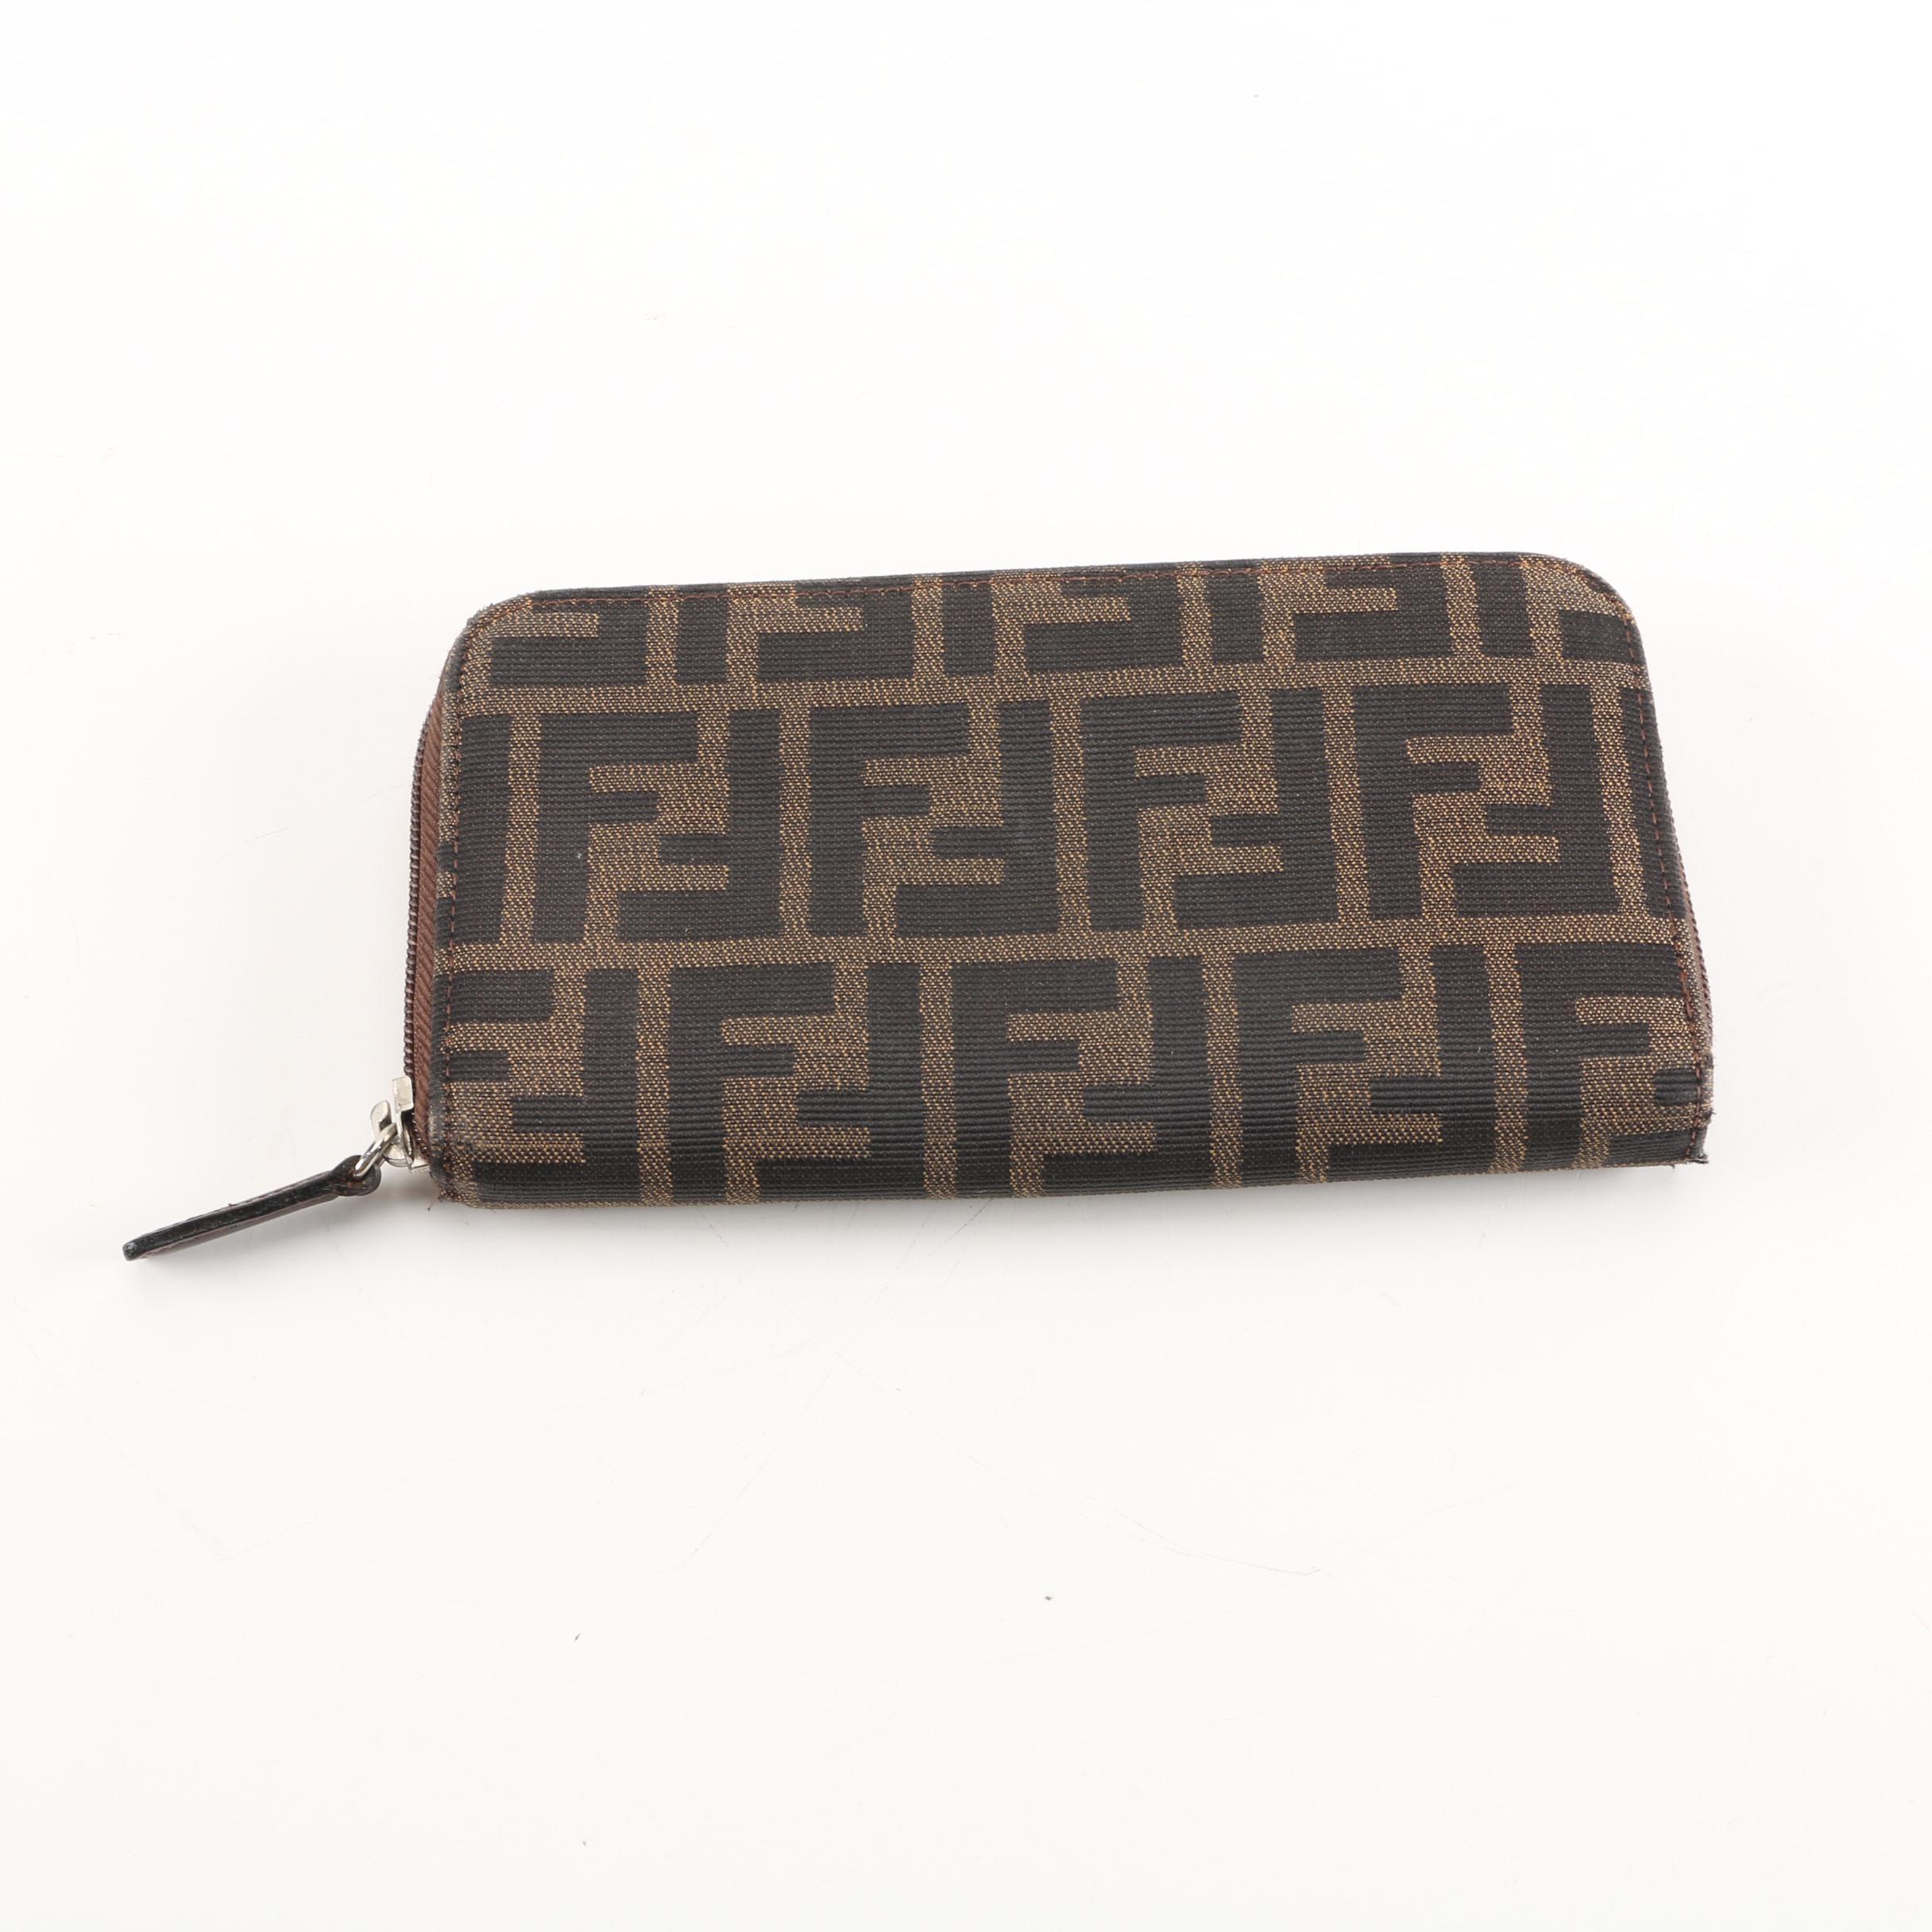 579e6f99d4c ... promo code for fendi brown zucca zip around canvas wallet 75ecc 36aae  authentic auth fendi zucca monogram signature purse original dust bag ...